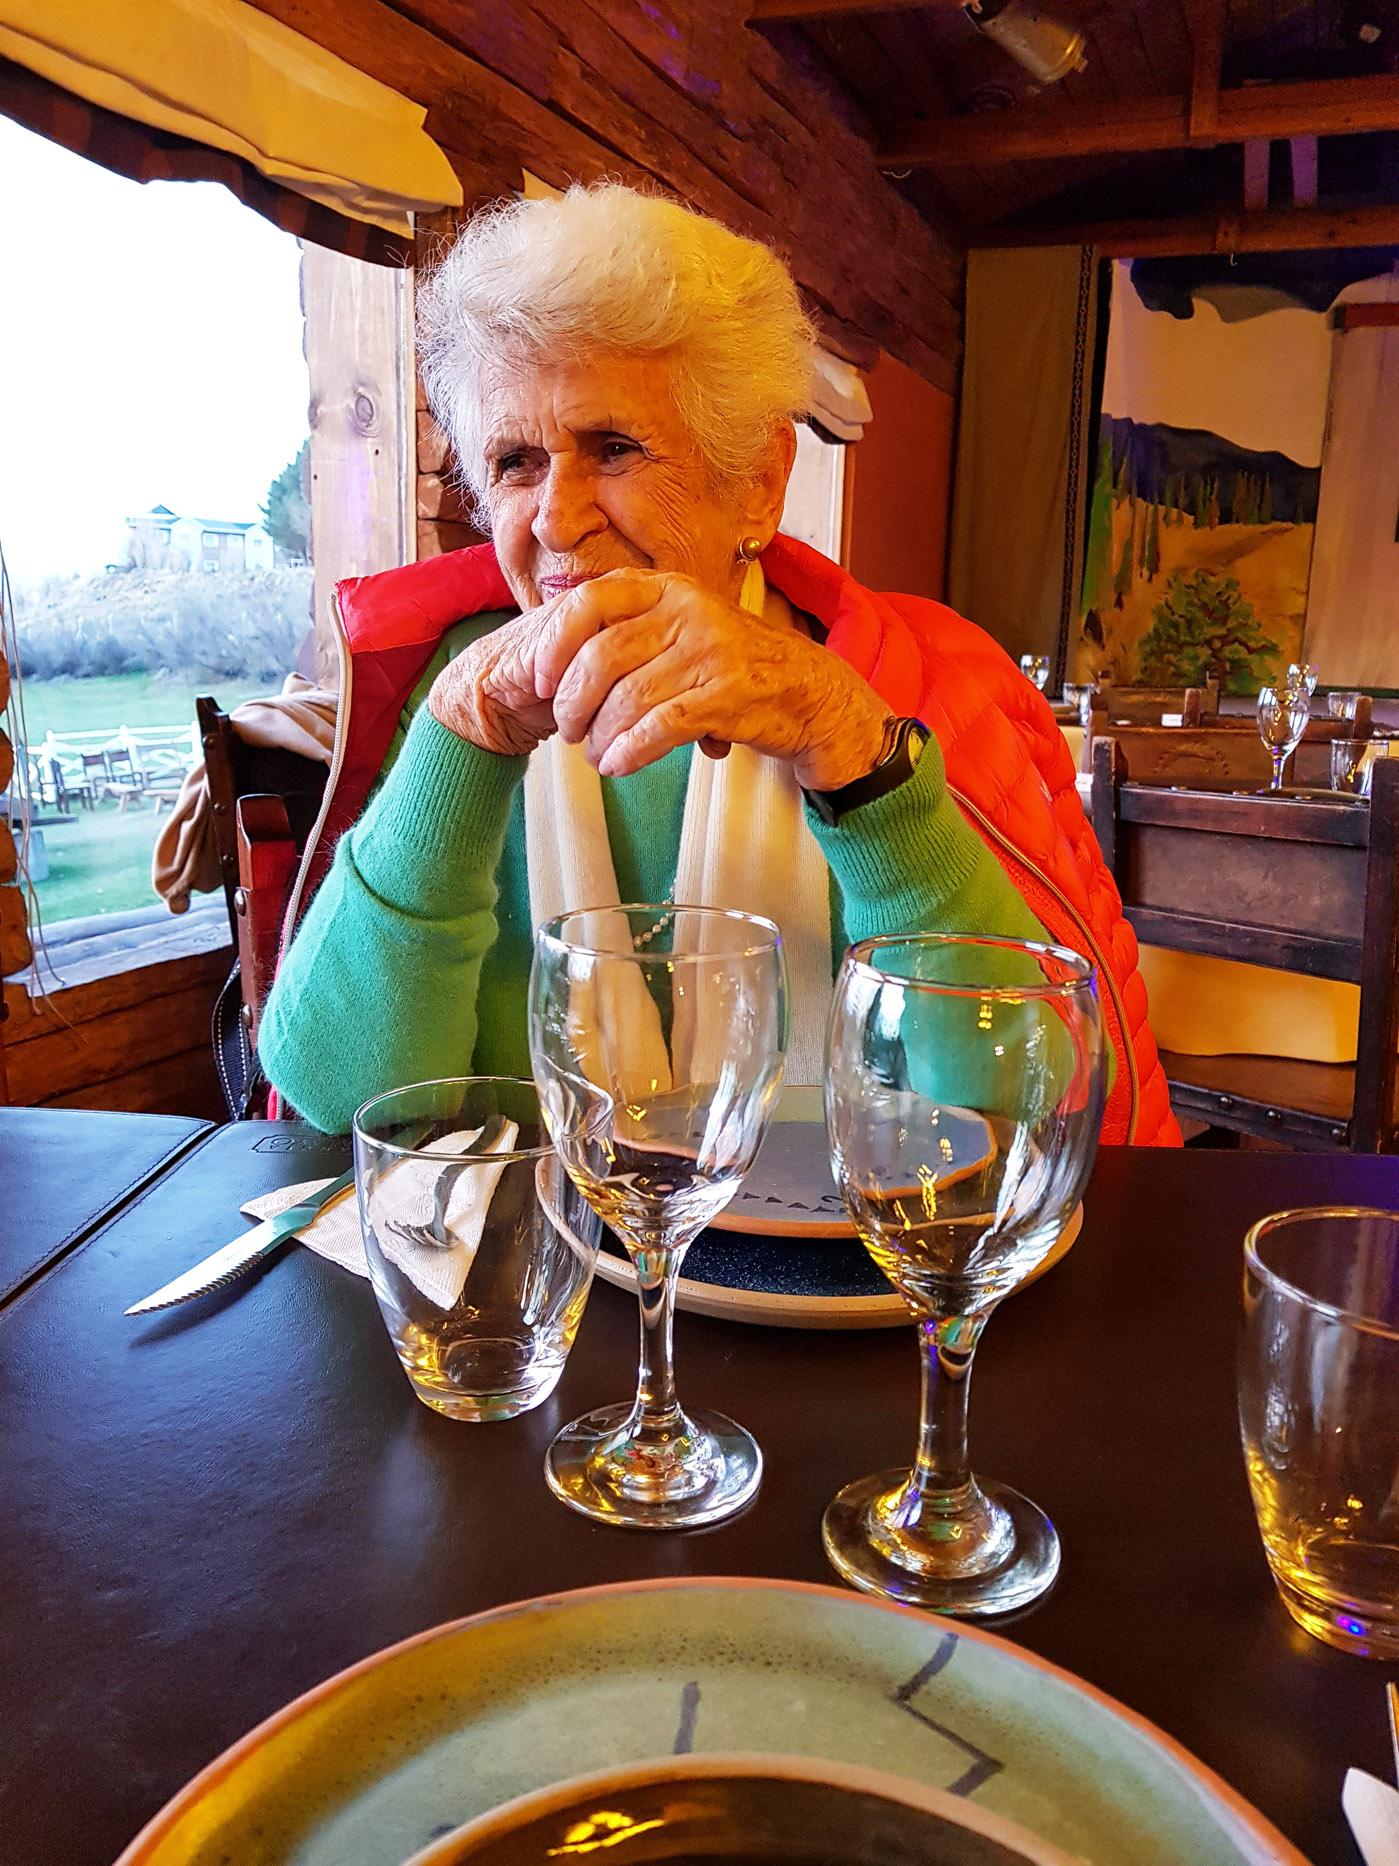 In der Estancia ist es schön warm und das Essen schmeckte hervorragend. Es wird spät, aber am nächsten Tag müssen wir schon wieder zurück nach Chile